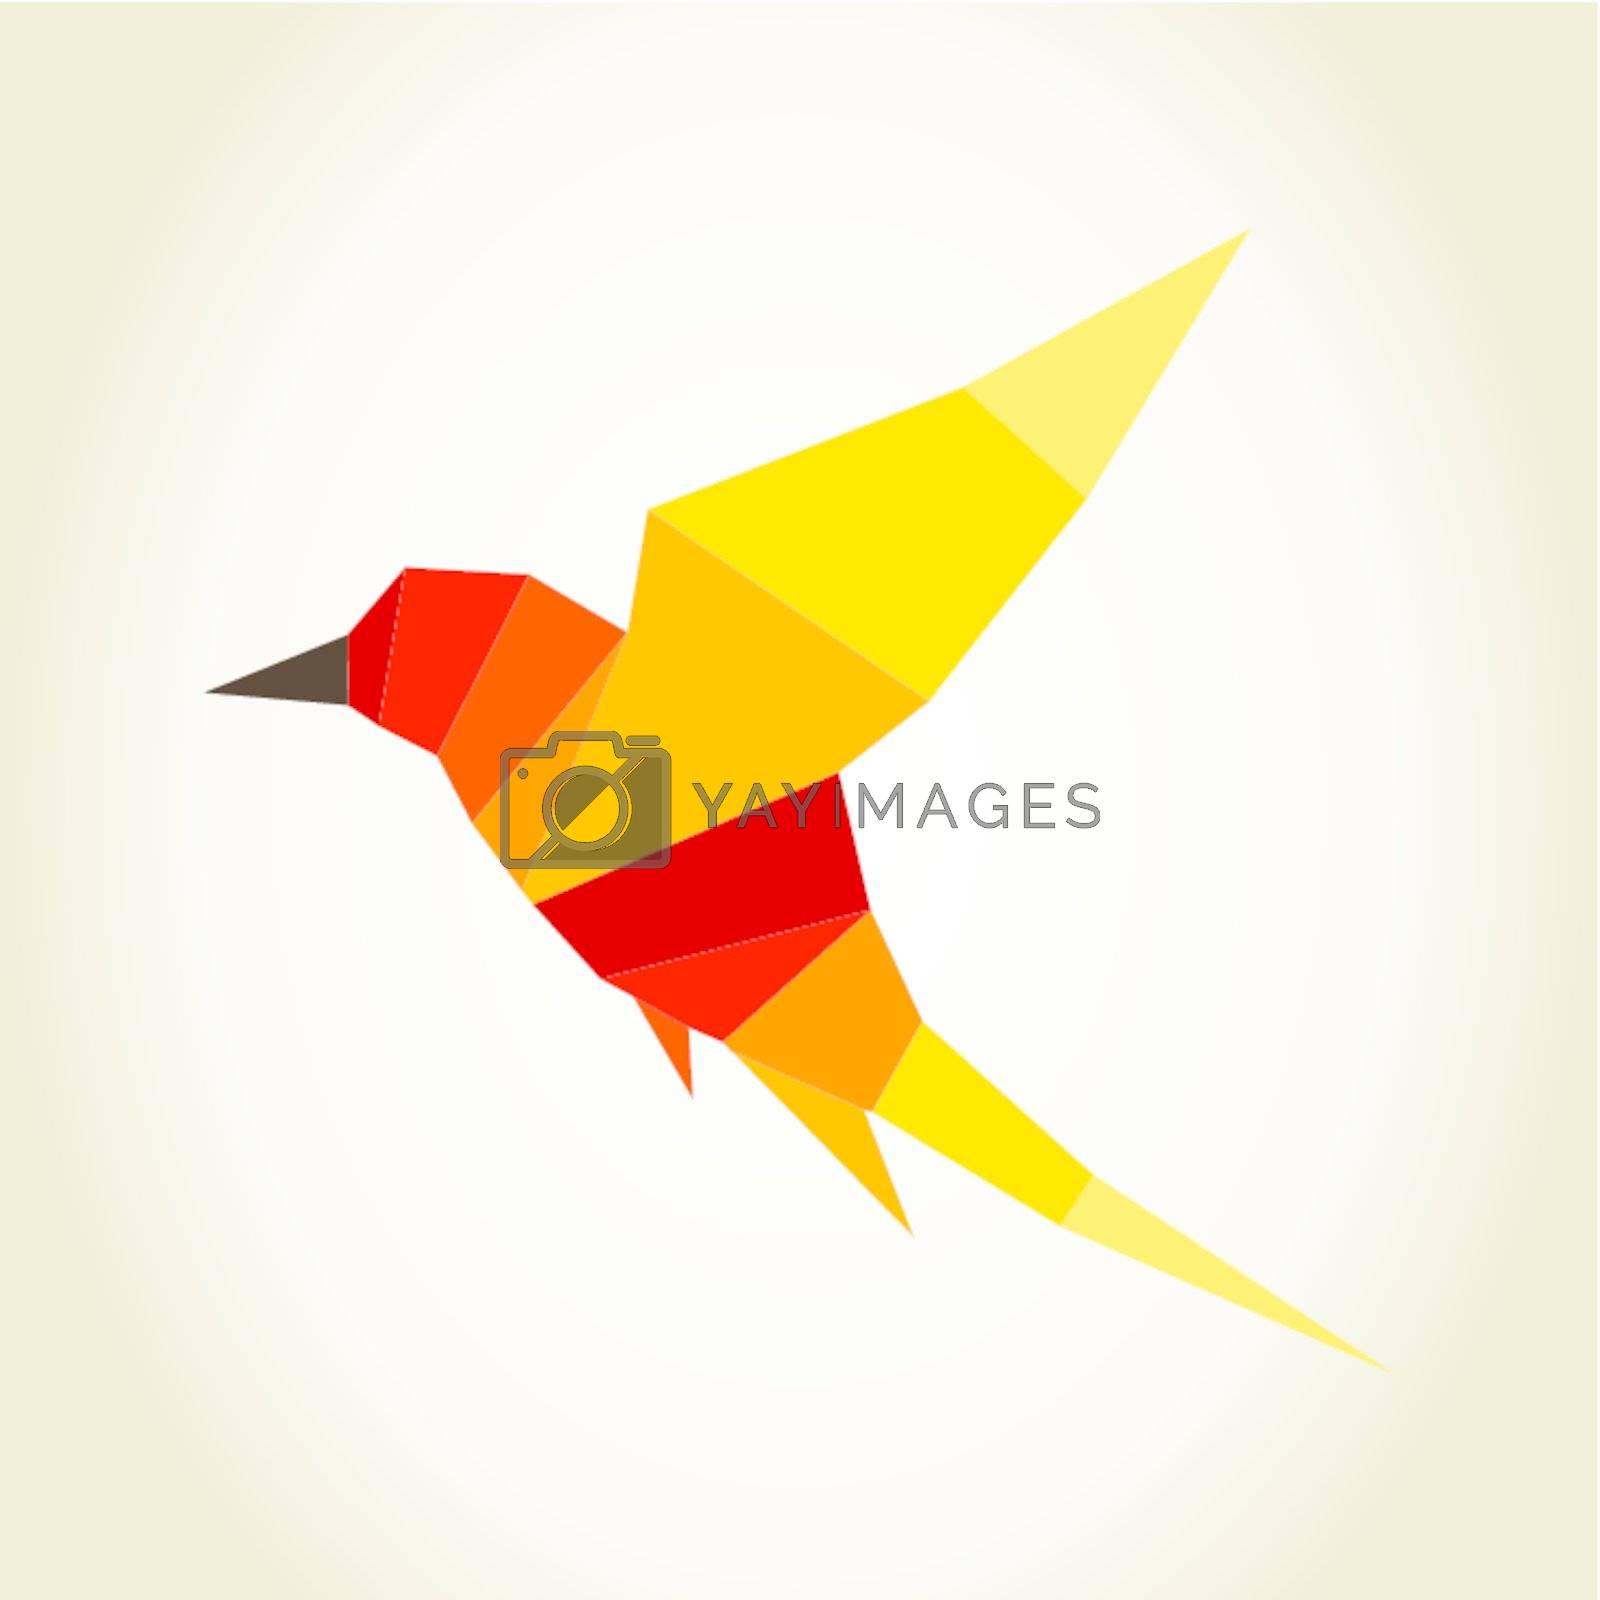 Abstraction a bird in flight. A vector illustration